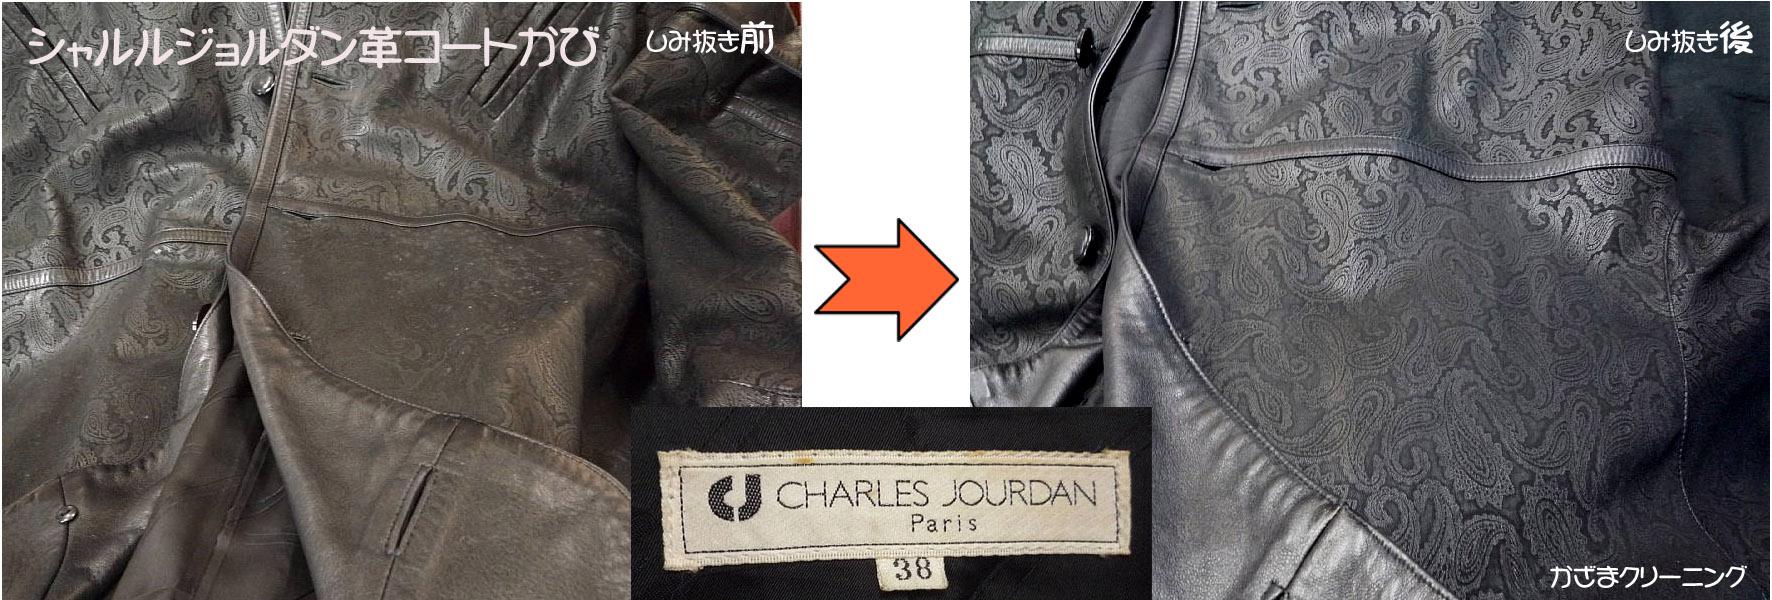 シャルルジョルダン革コート白ガビの除去